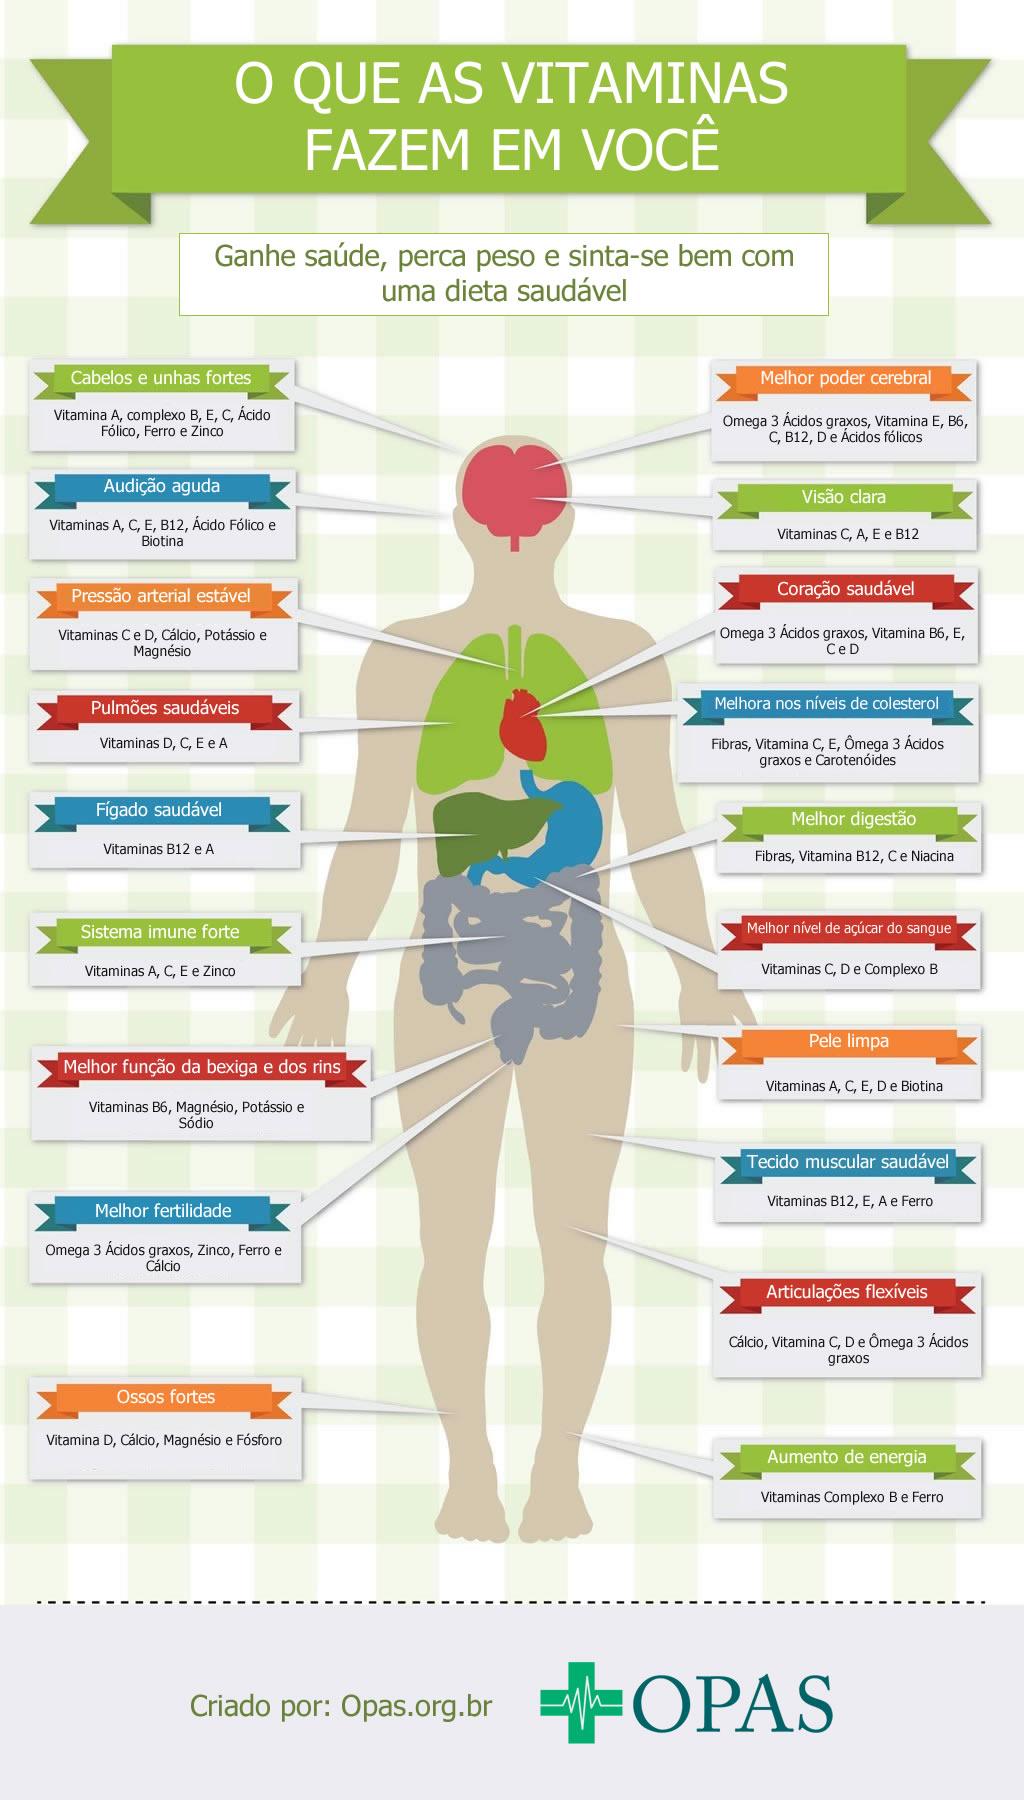 O que as vitaminas fazem em você